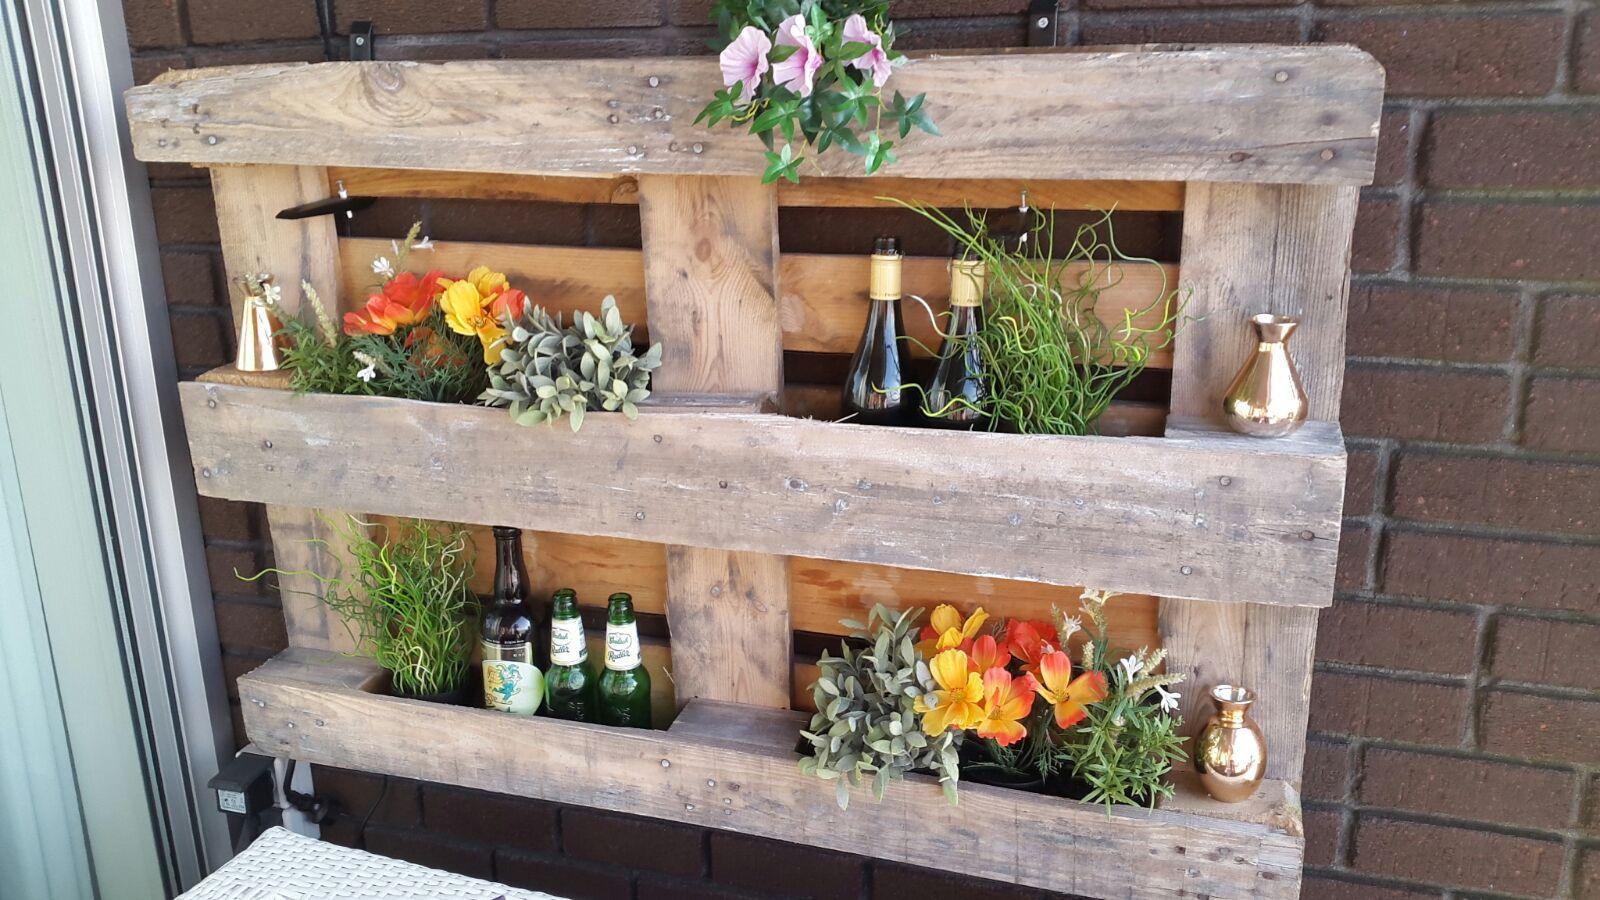 Arbrini design tuinmeubelen februari 2017 - Terras tuin decoratie ...